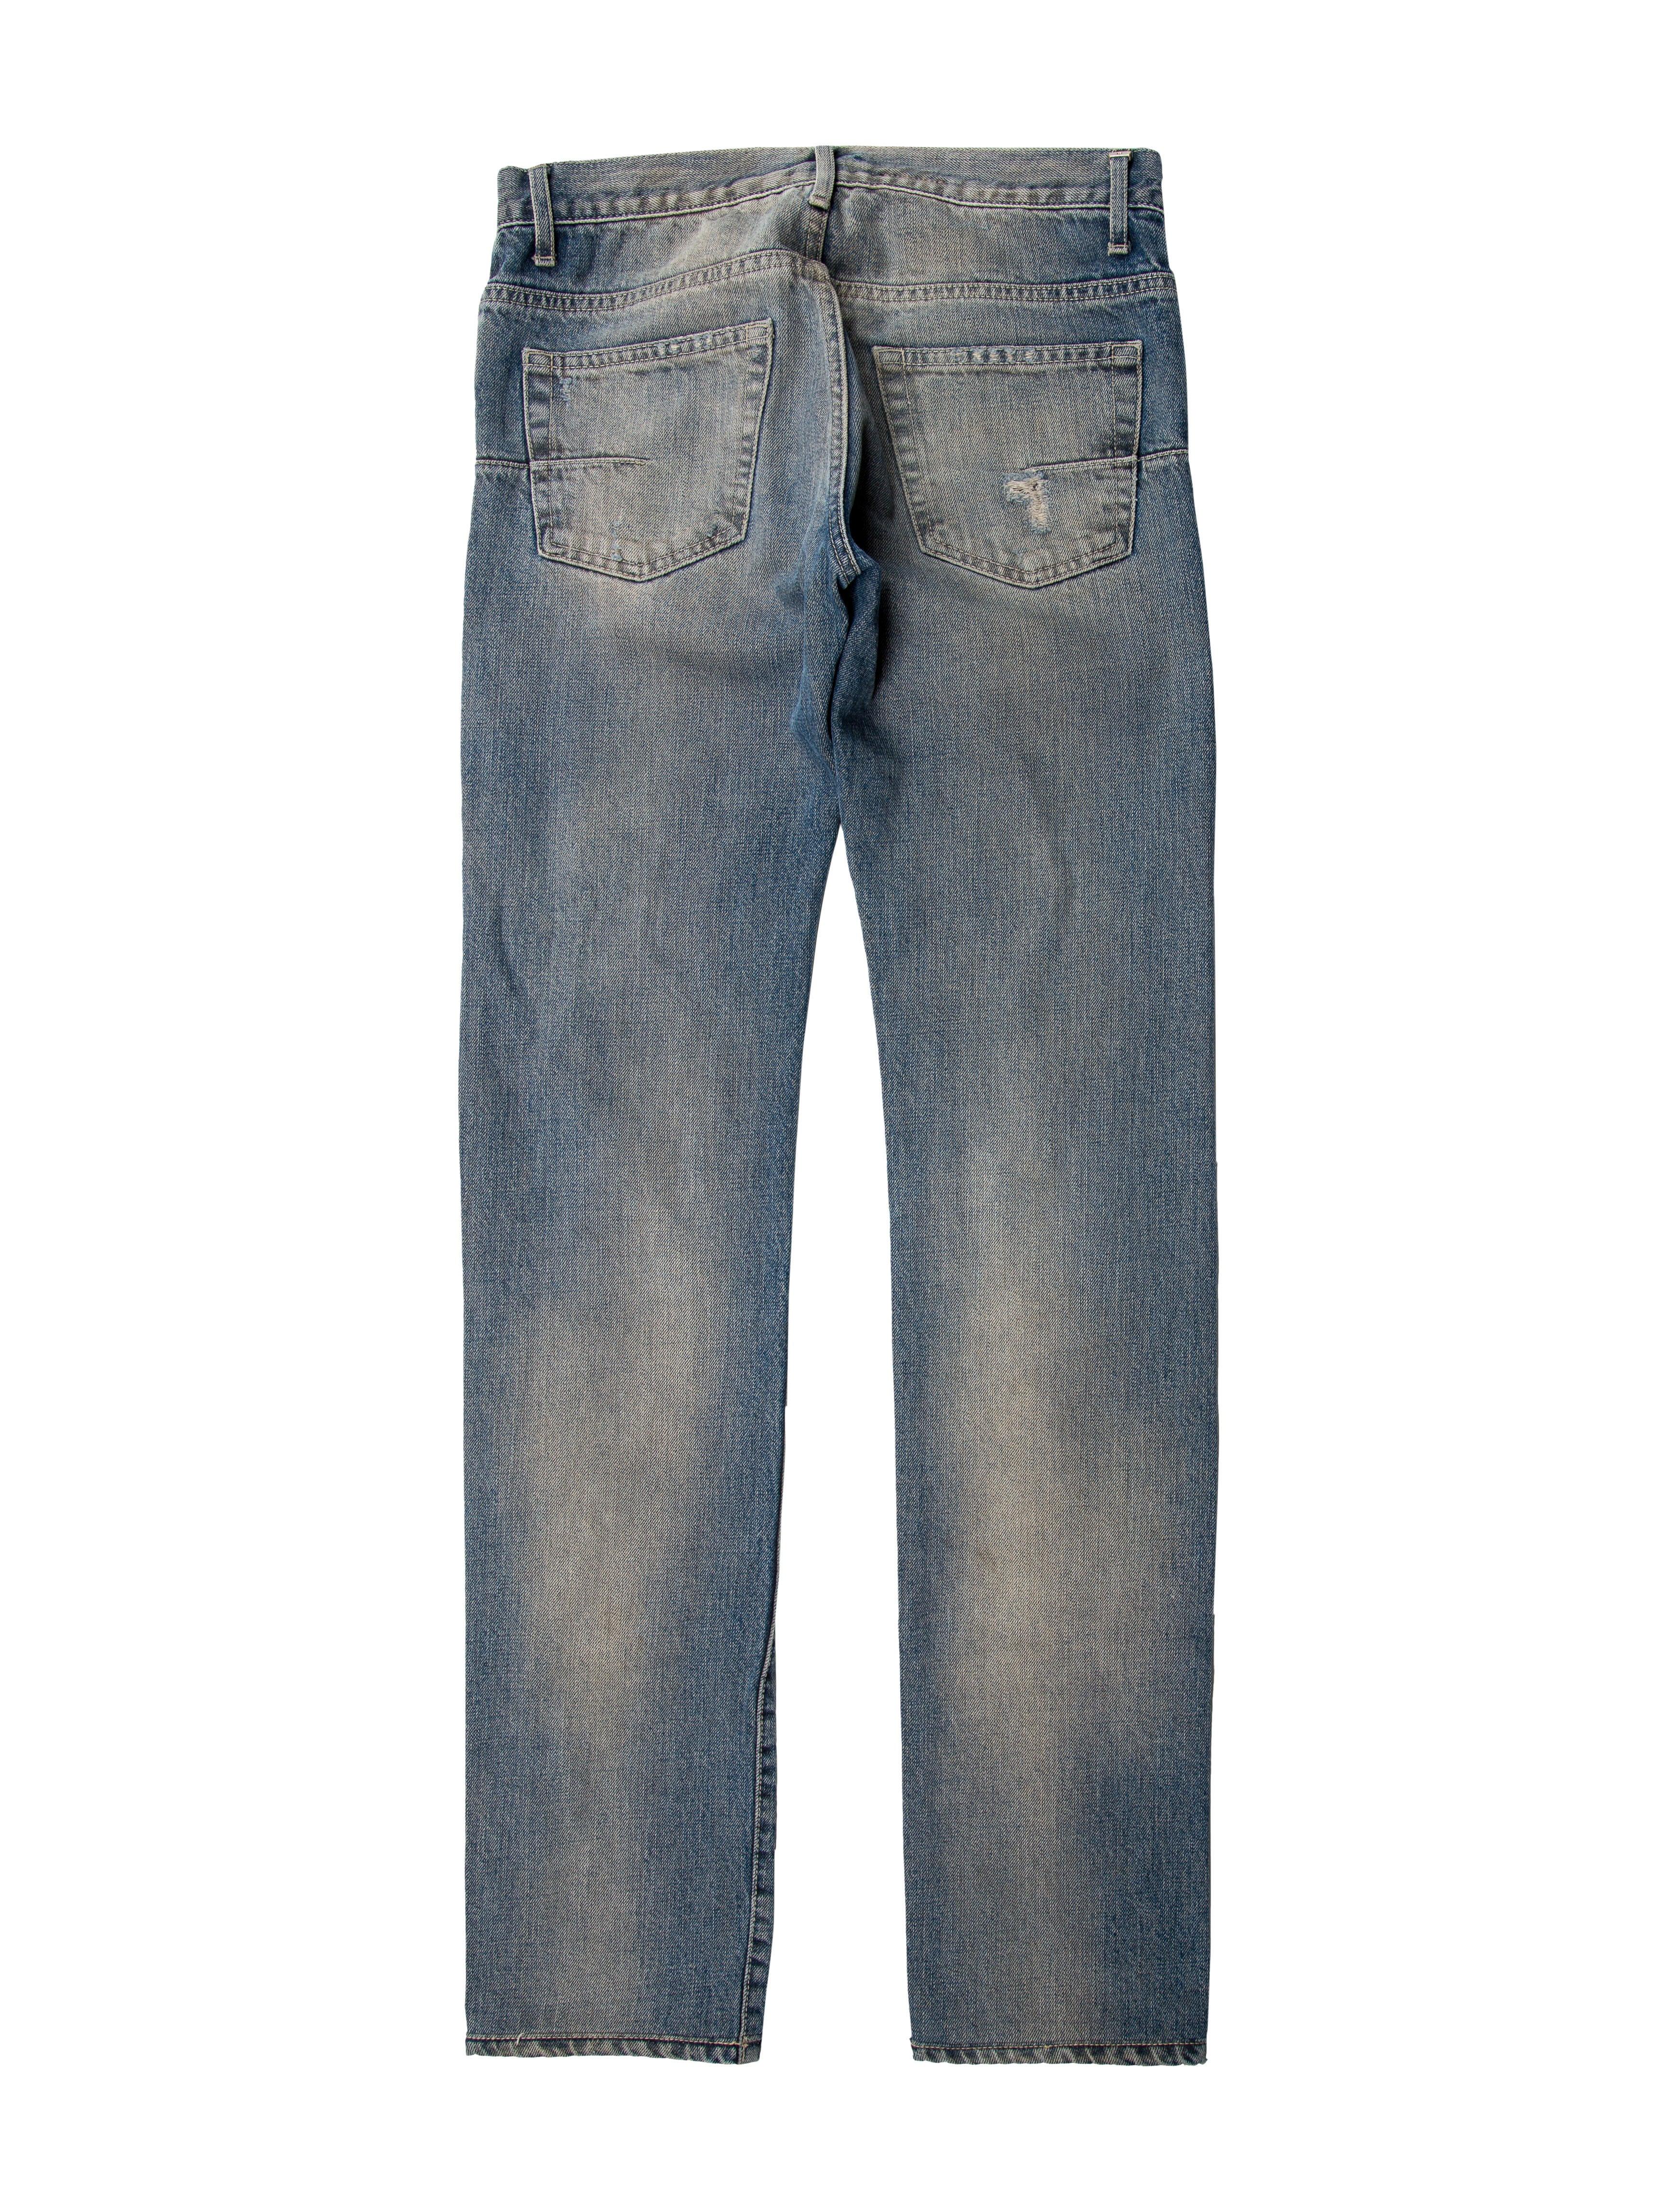 dior homme five pocket skinny jeans clothing hmm22776 the realreal. Black Bedroom Furniture Sets. Home Design Ideas